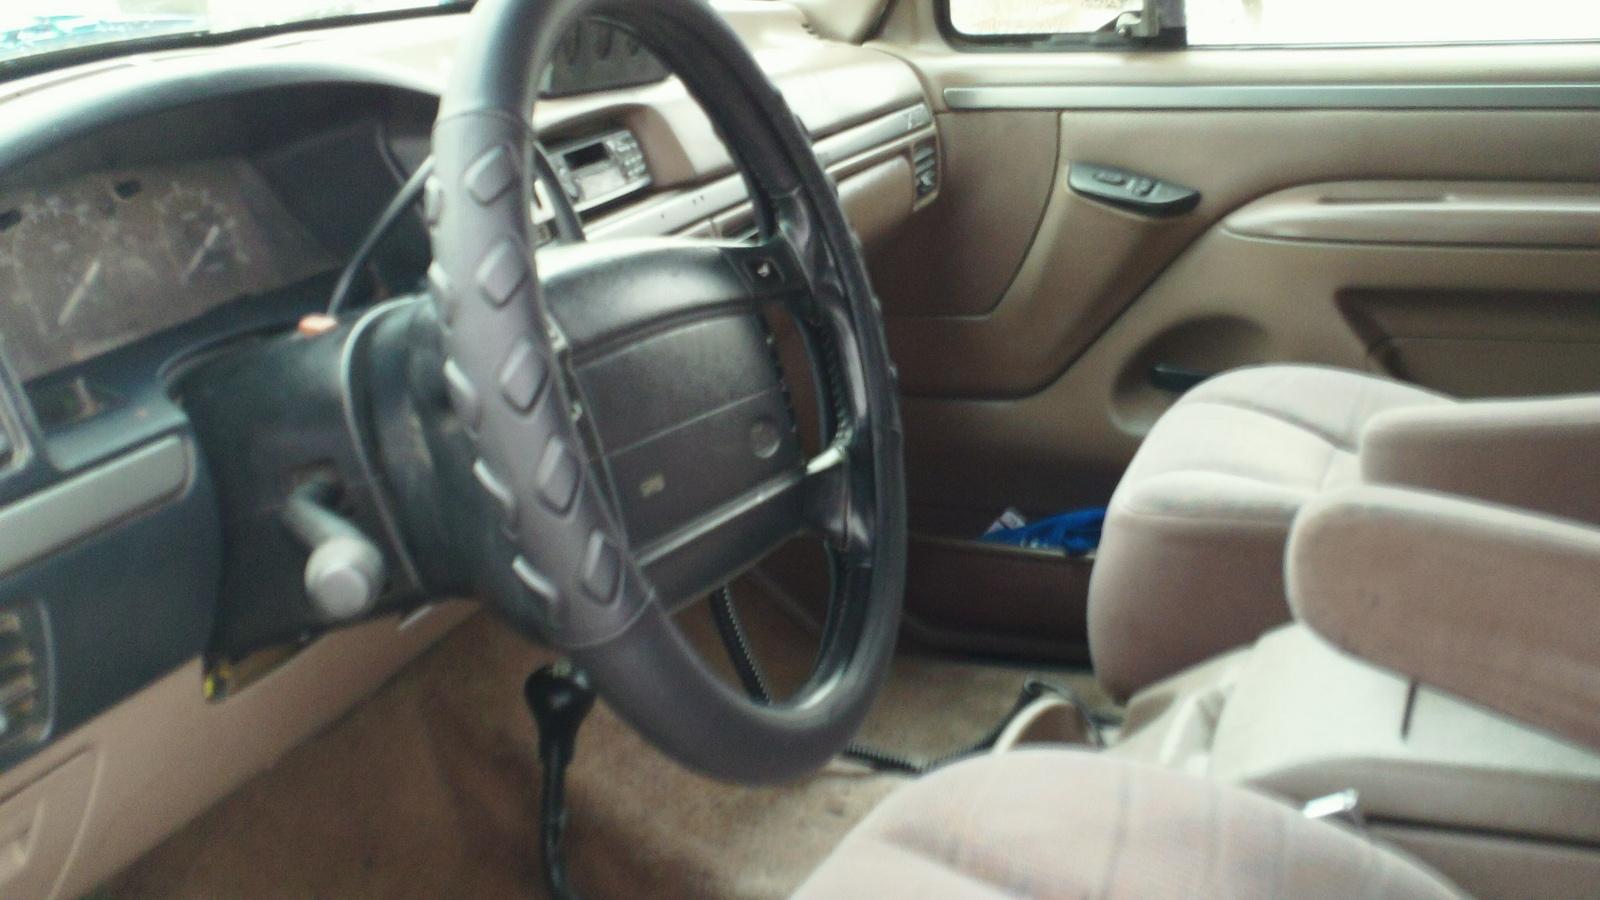 1995 ford bronco interior trim